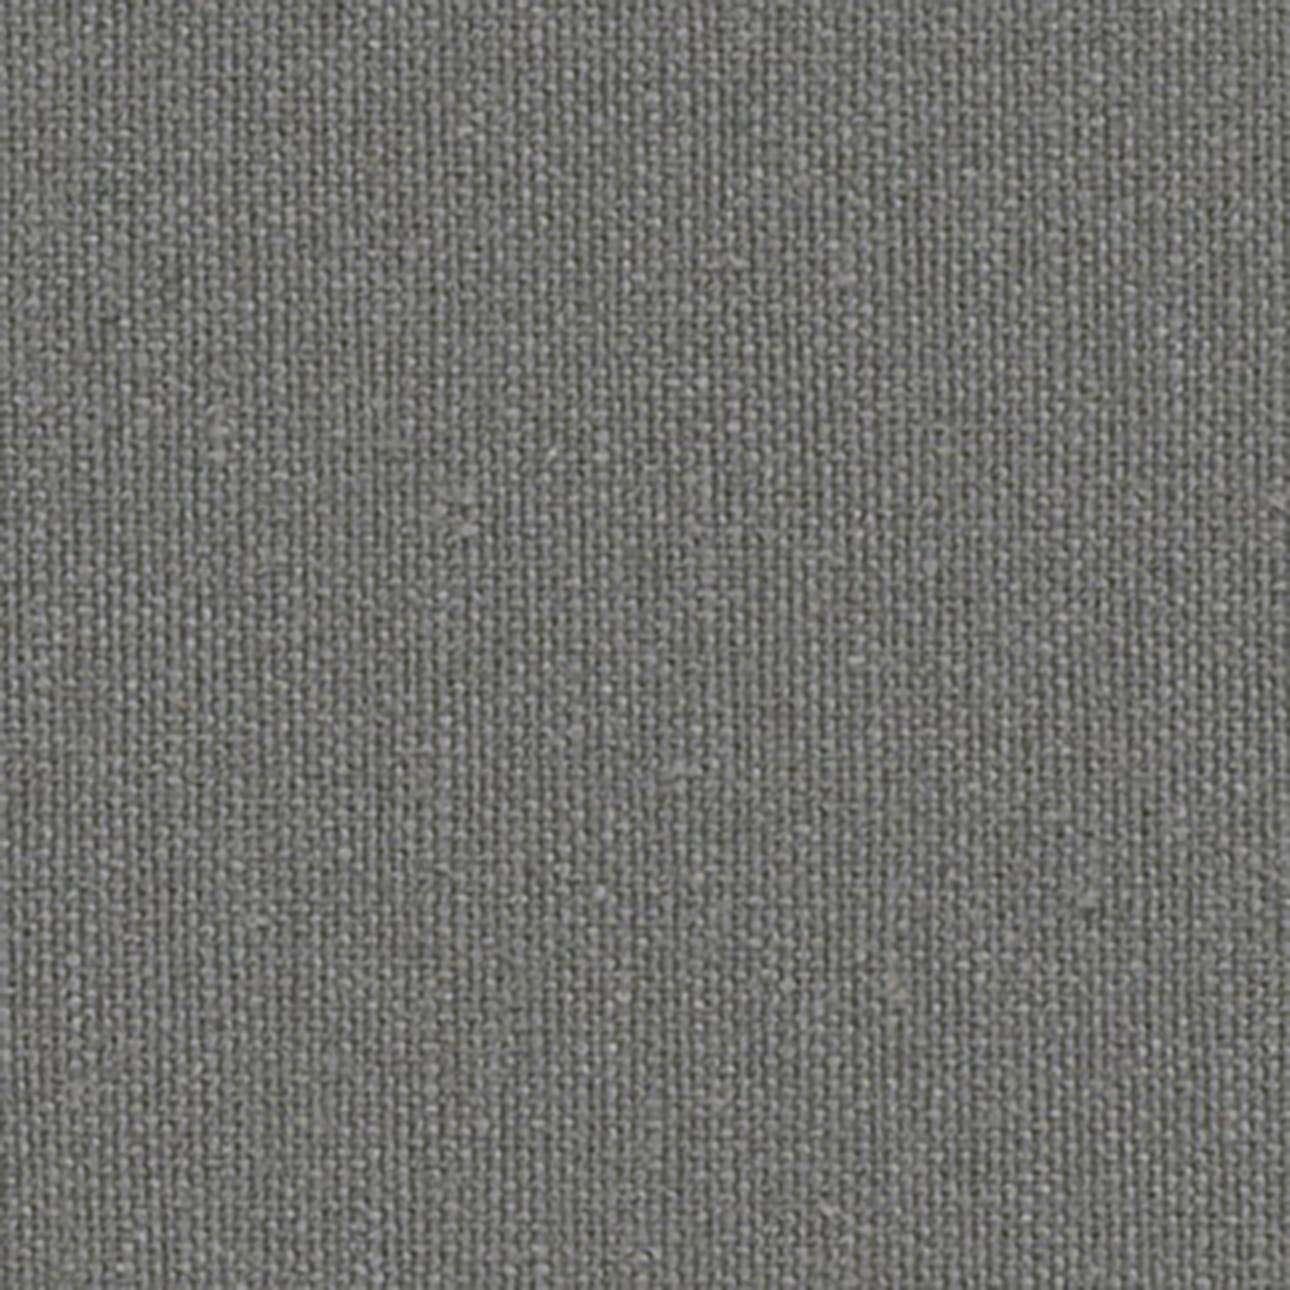 Dækkeservietter 2 stk. fra kollektionen Quadro II, Stof: 136-14